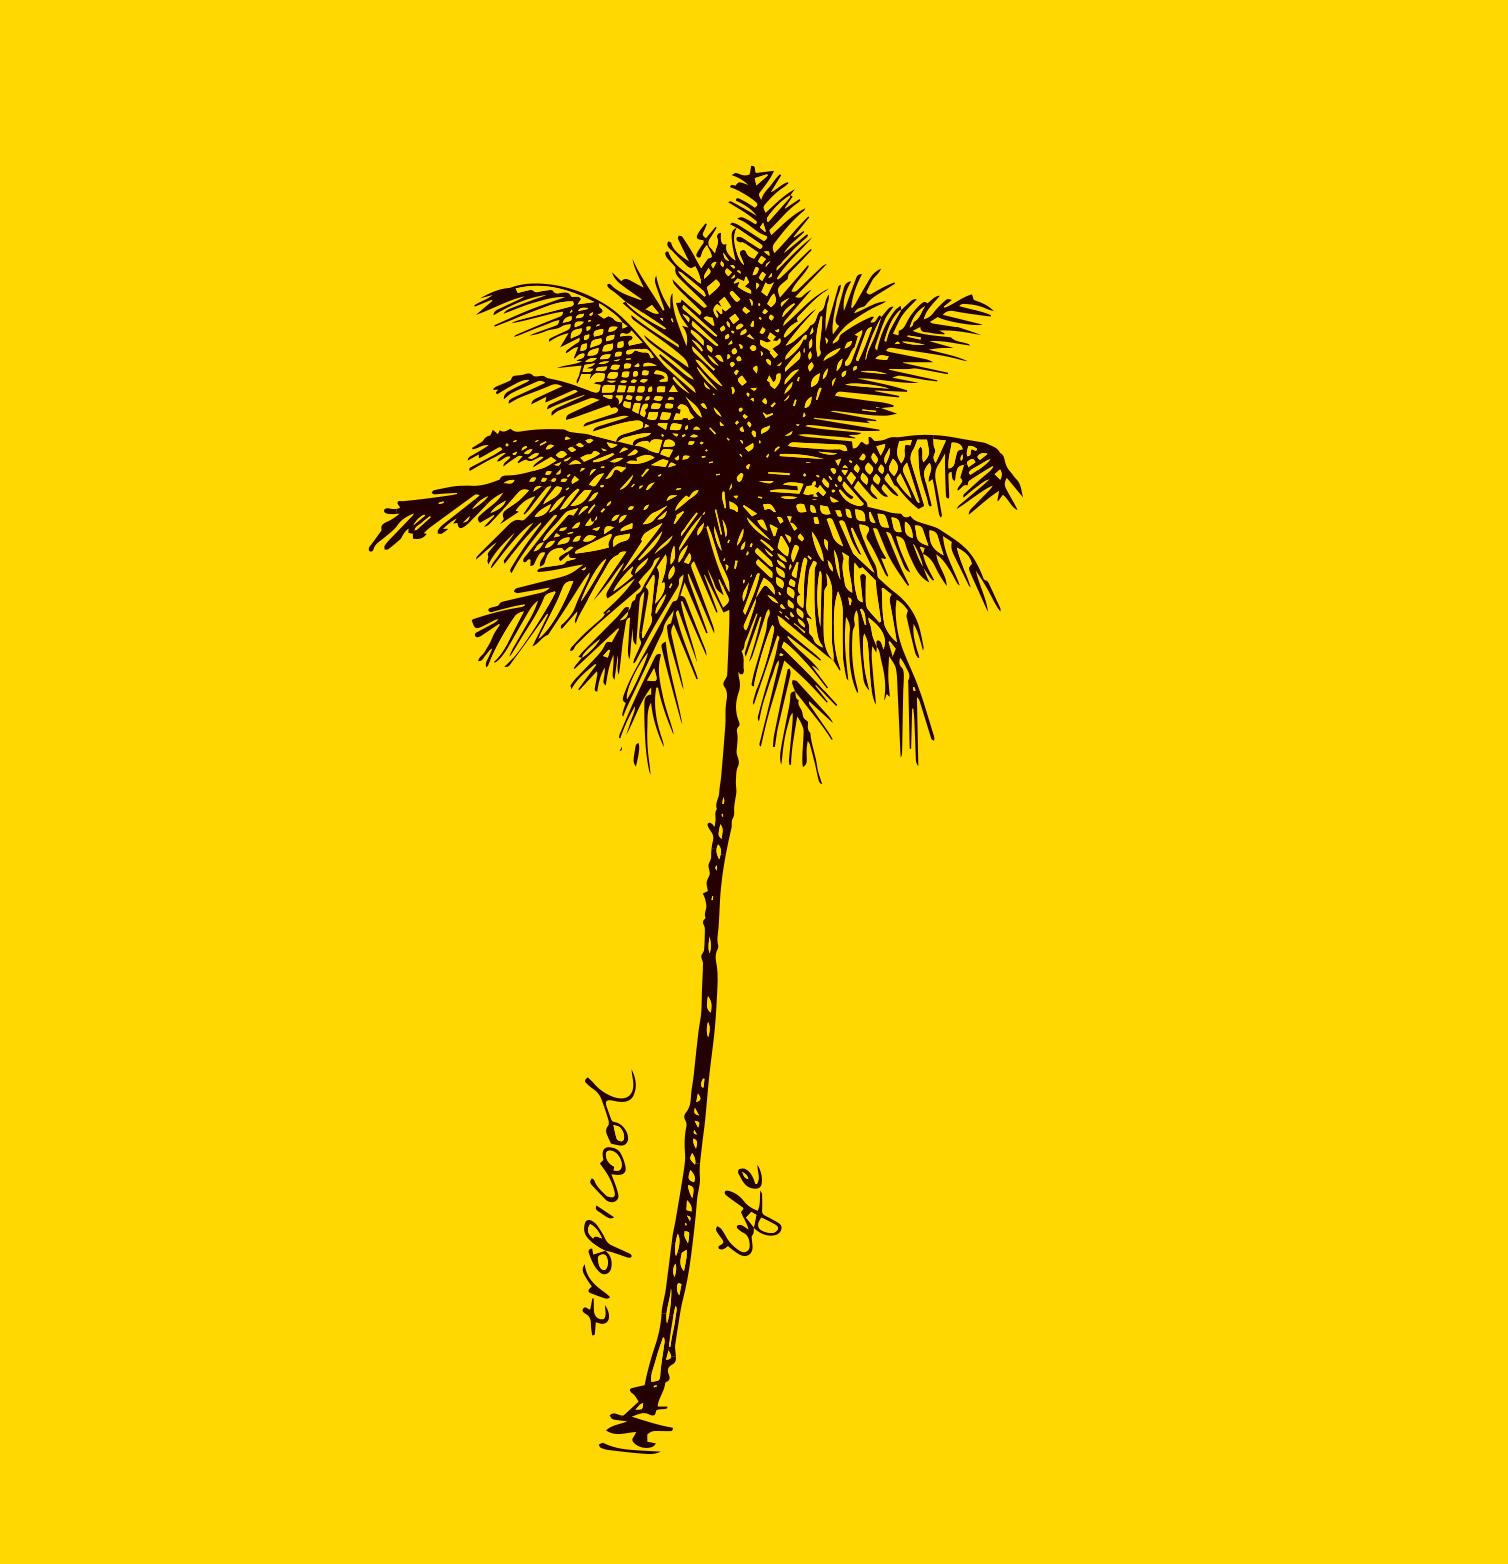 Tropicool-Tree